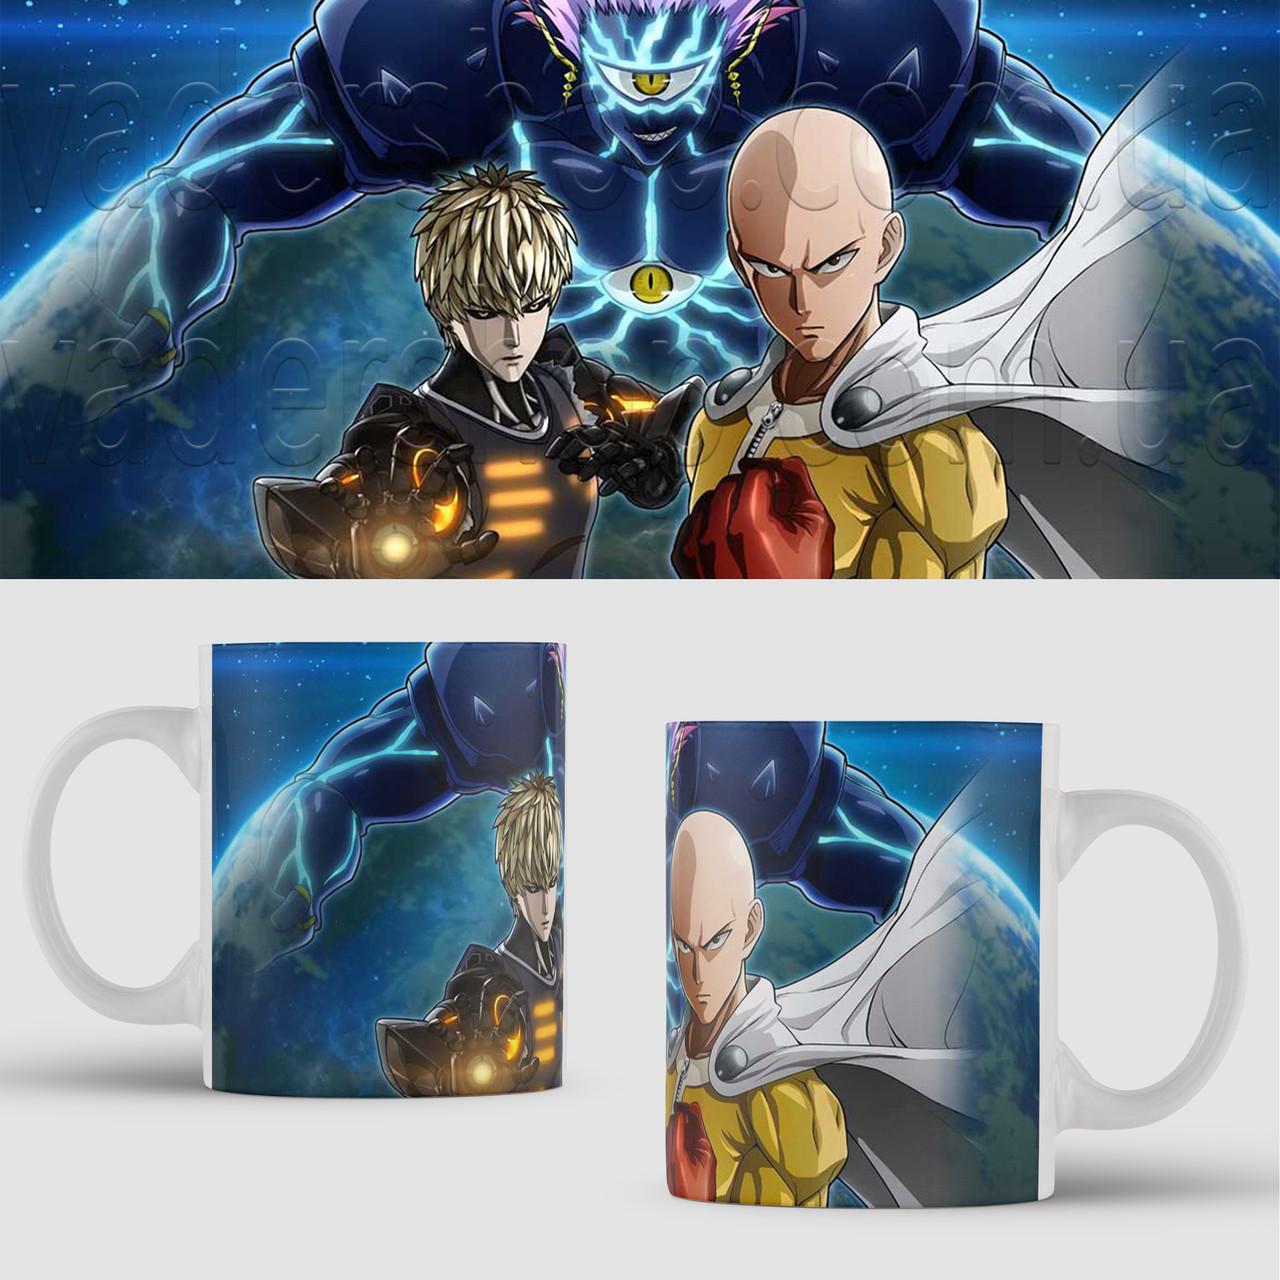 Чашка Ван Панч Мен Сайтама. Аниме. Saitama One Punch Man Чашка с фото